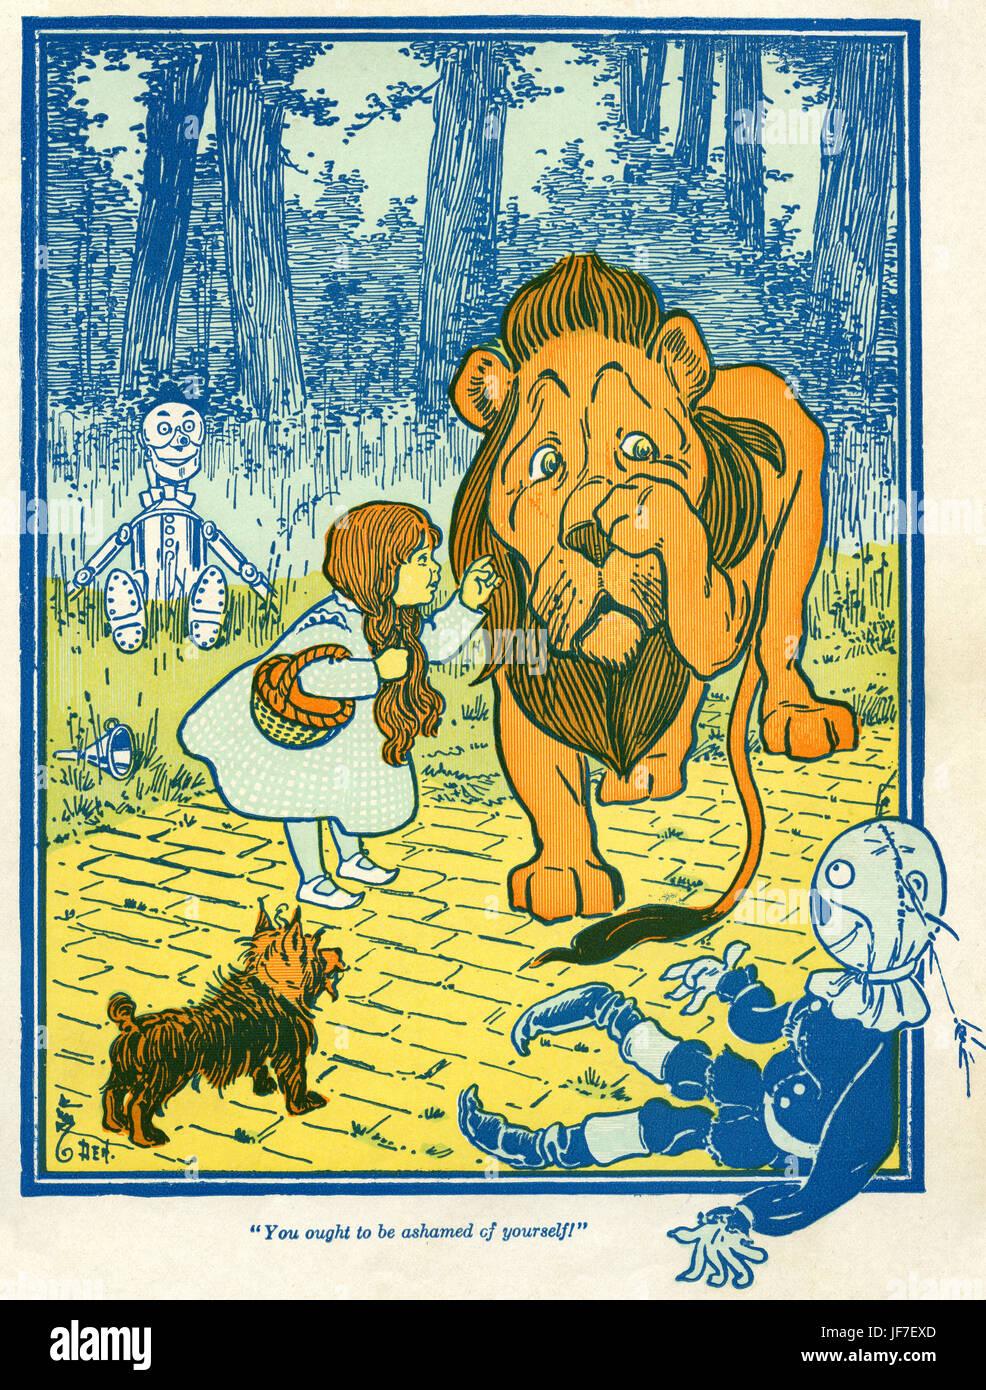 Der Zauberer von Oz von L. Frank Baum Buch. Illustration von w. Denslow. Bildunterschrift: Sie sollten sich schämen! Stockbild